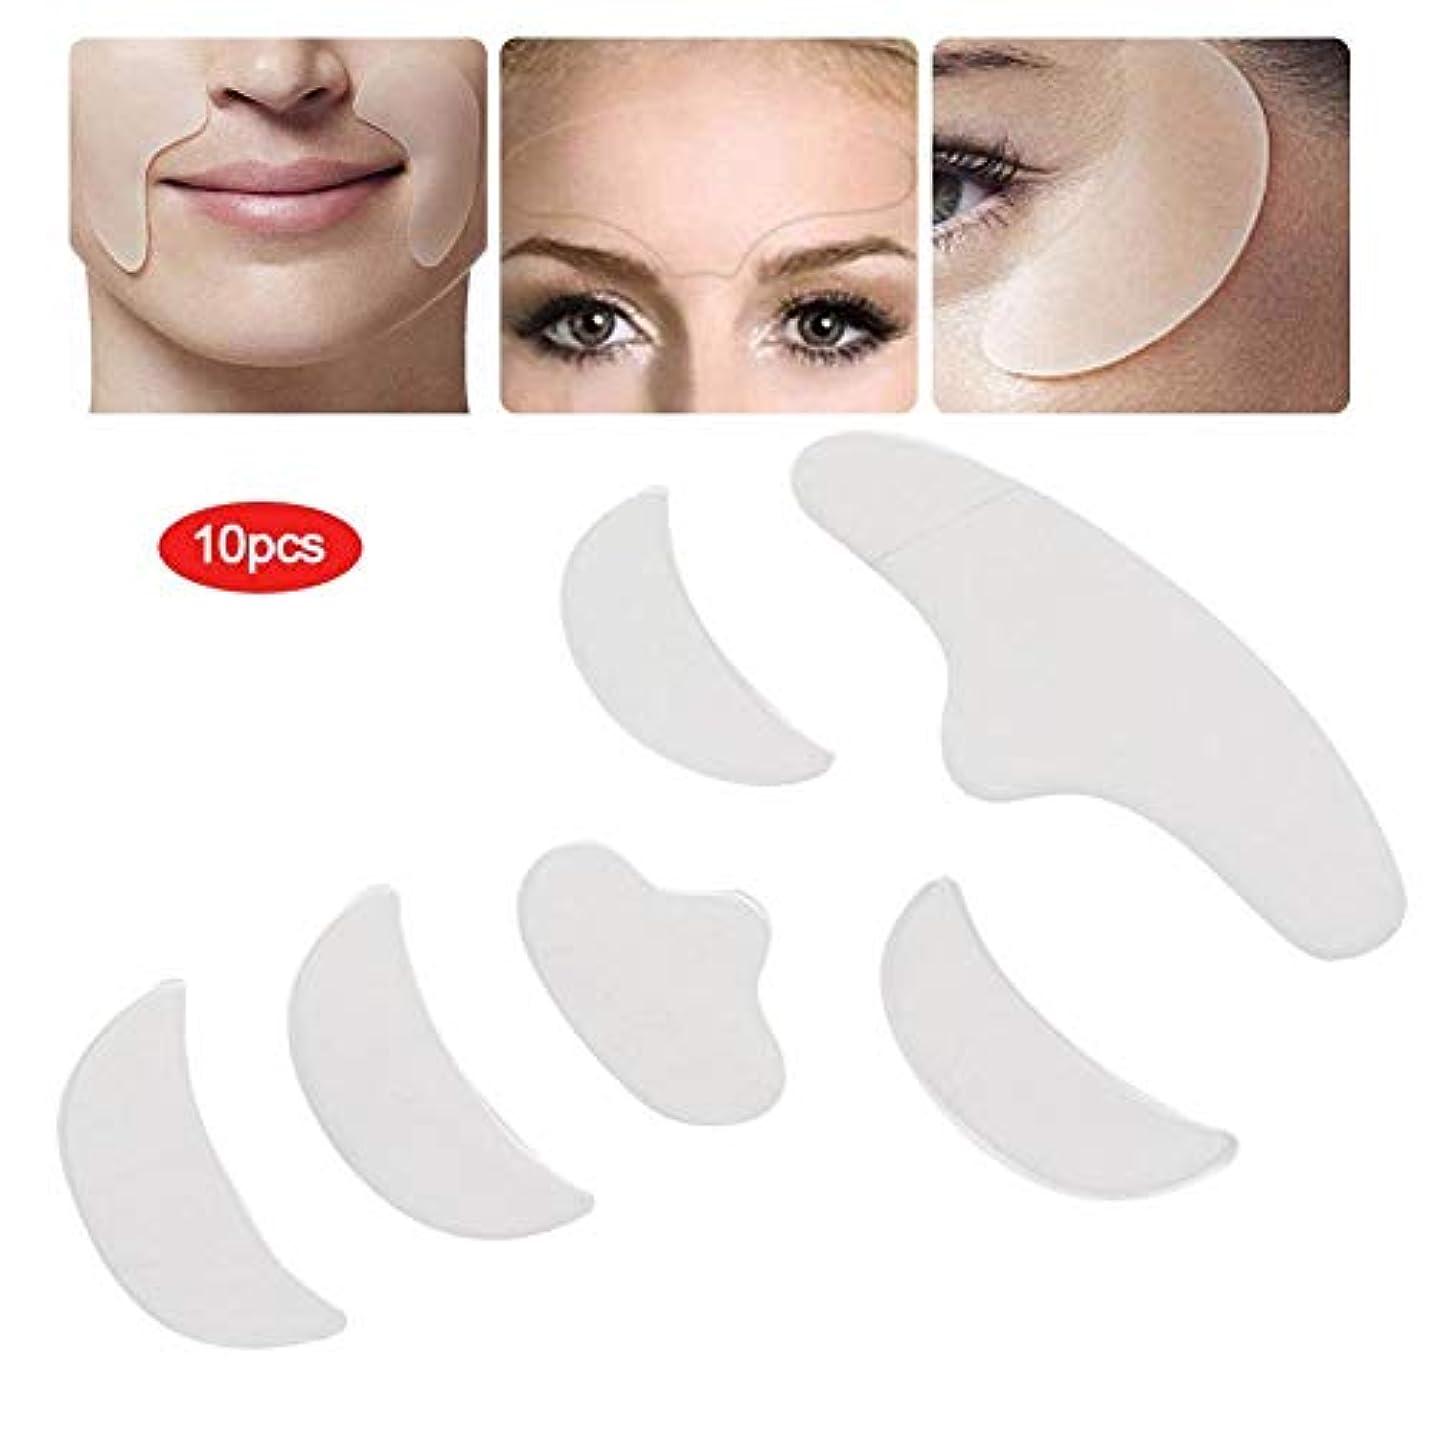 チューブ活気づける保有者返り 肌の弾力性 6ピース シリコーンパッチパッド スキンリフティング 再利用可能な額 目 あご フェイスパッチ